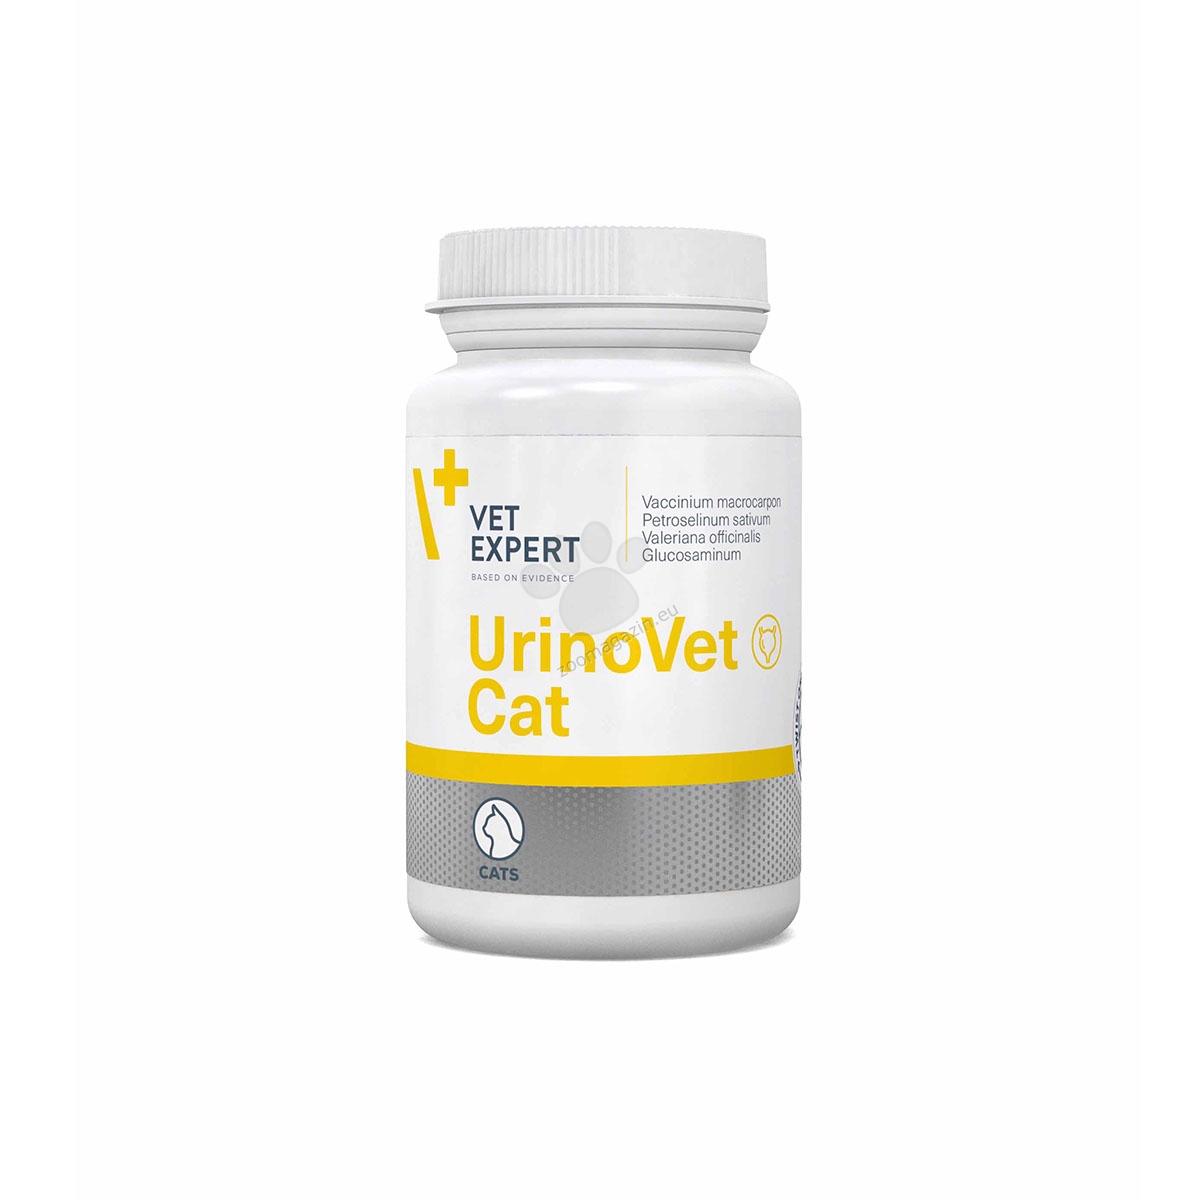 Vetexpert - UrinoVet Cat - цялостна превенция срещу проблеми на уринарния тракт 45 капсули